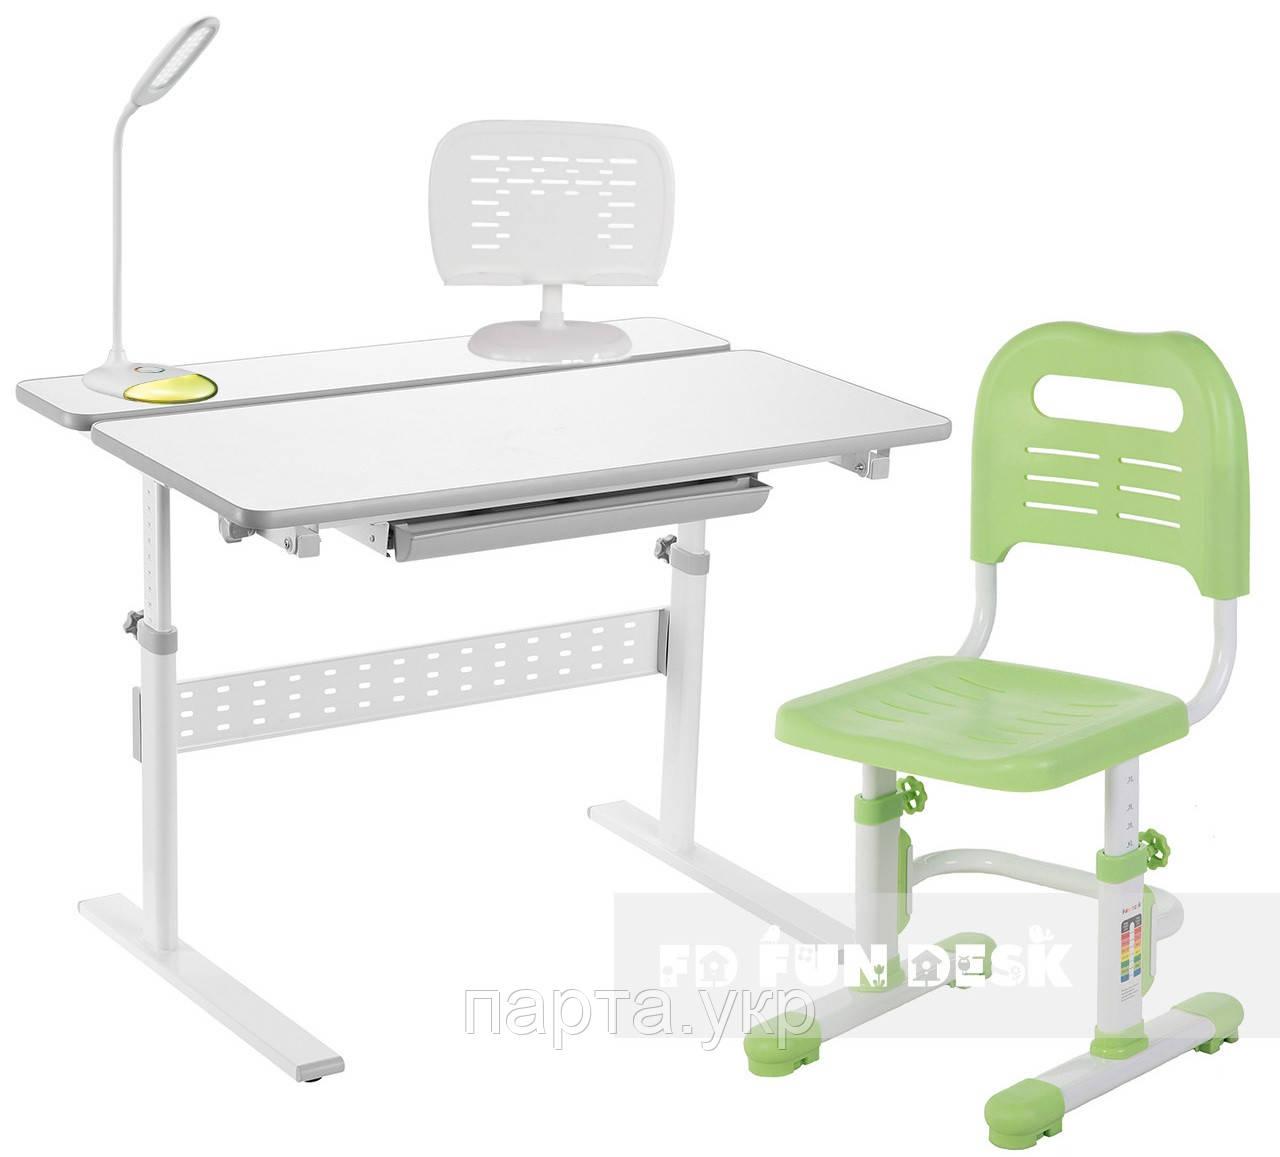 Комплект парта Colore Grey + детское кресло, лампа и подставка